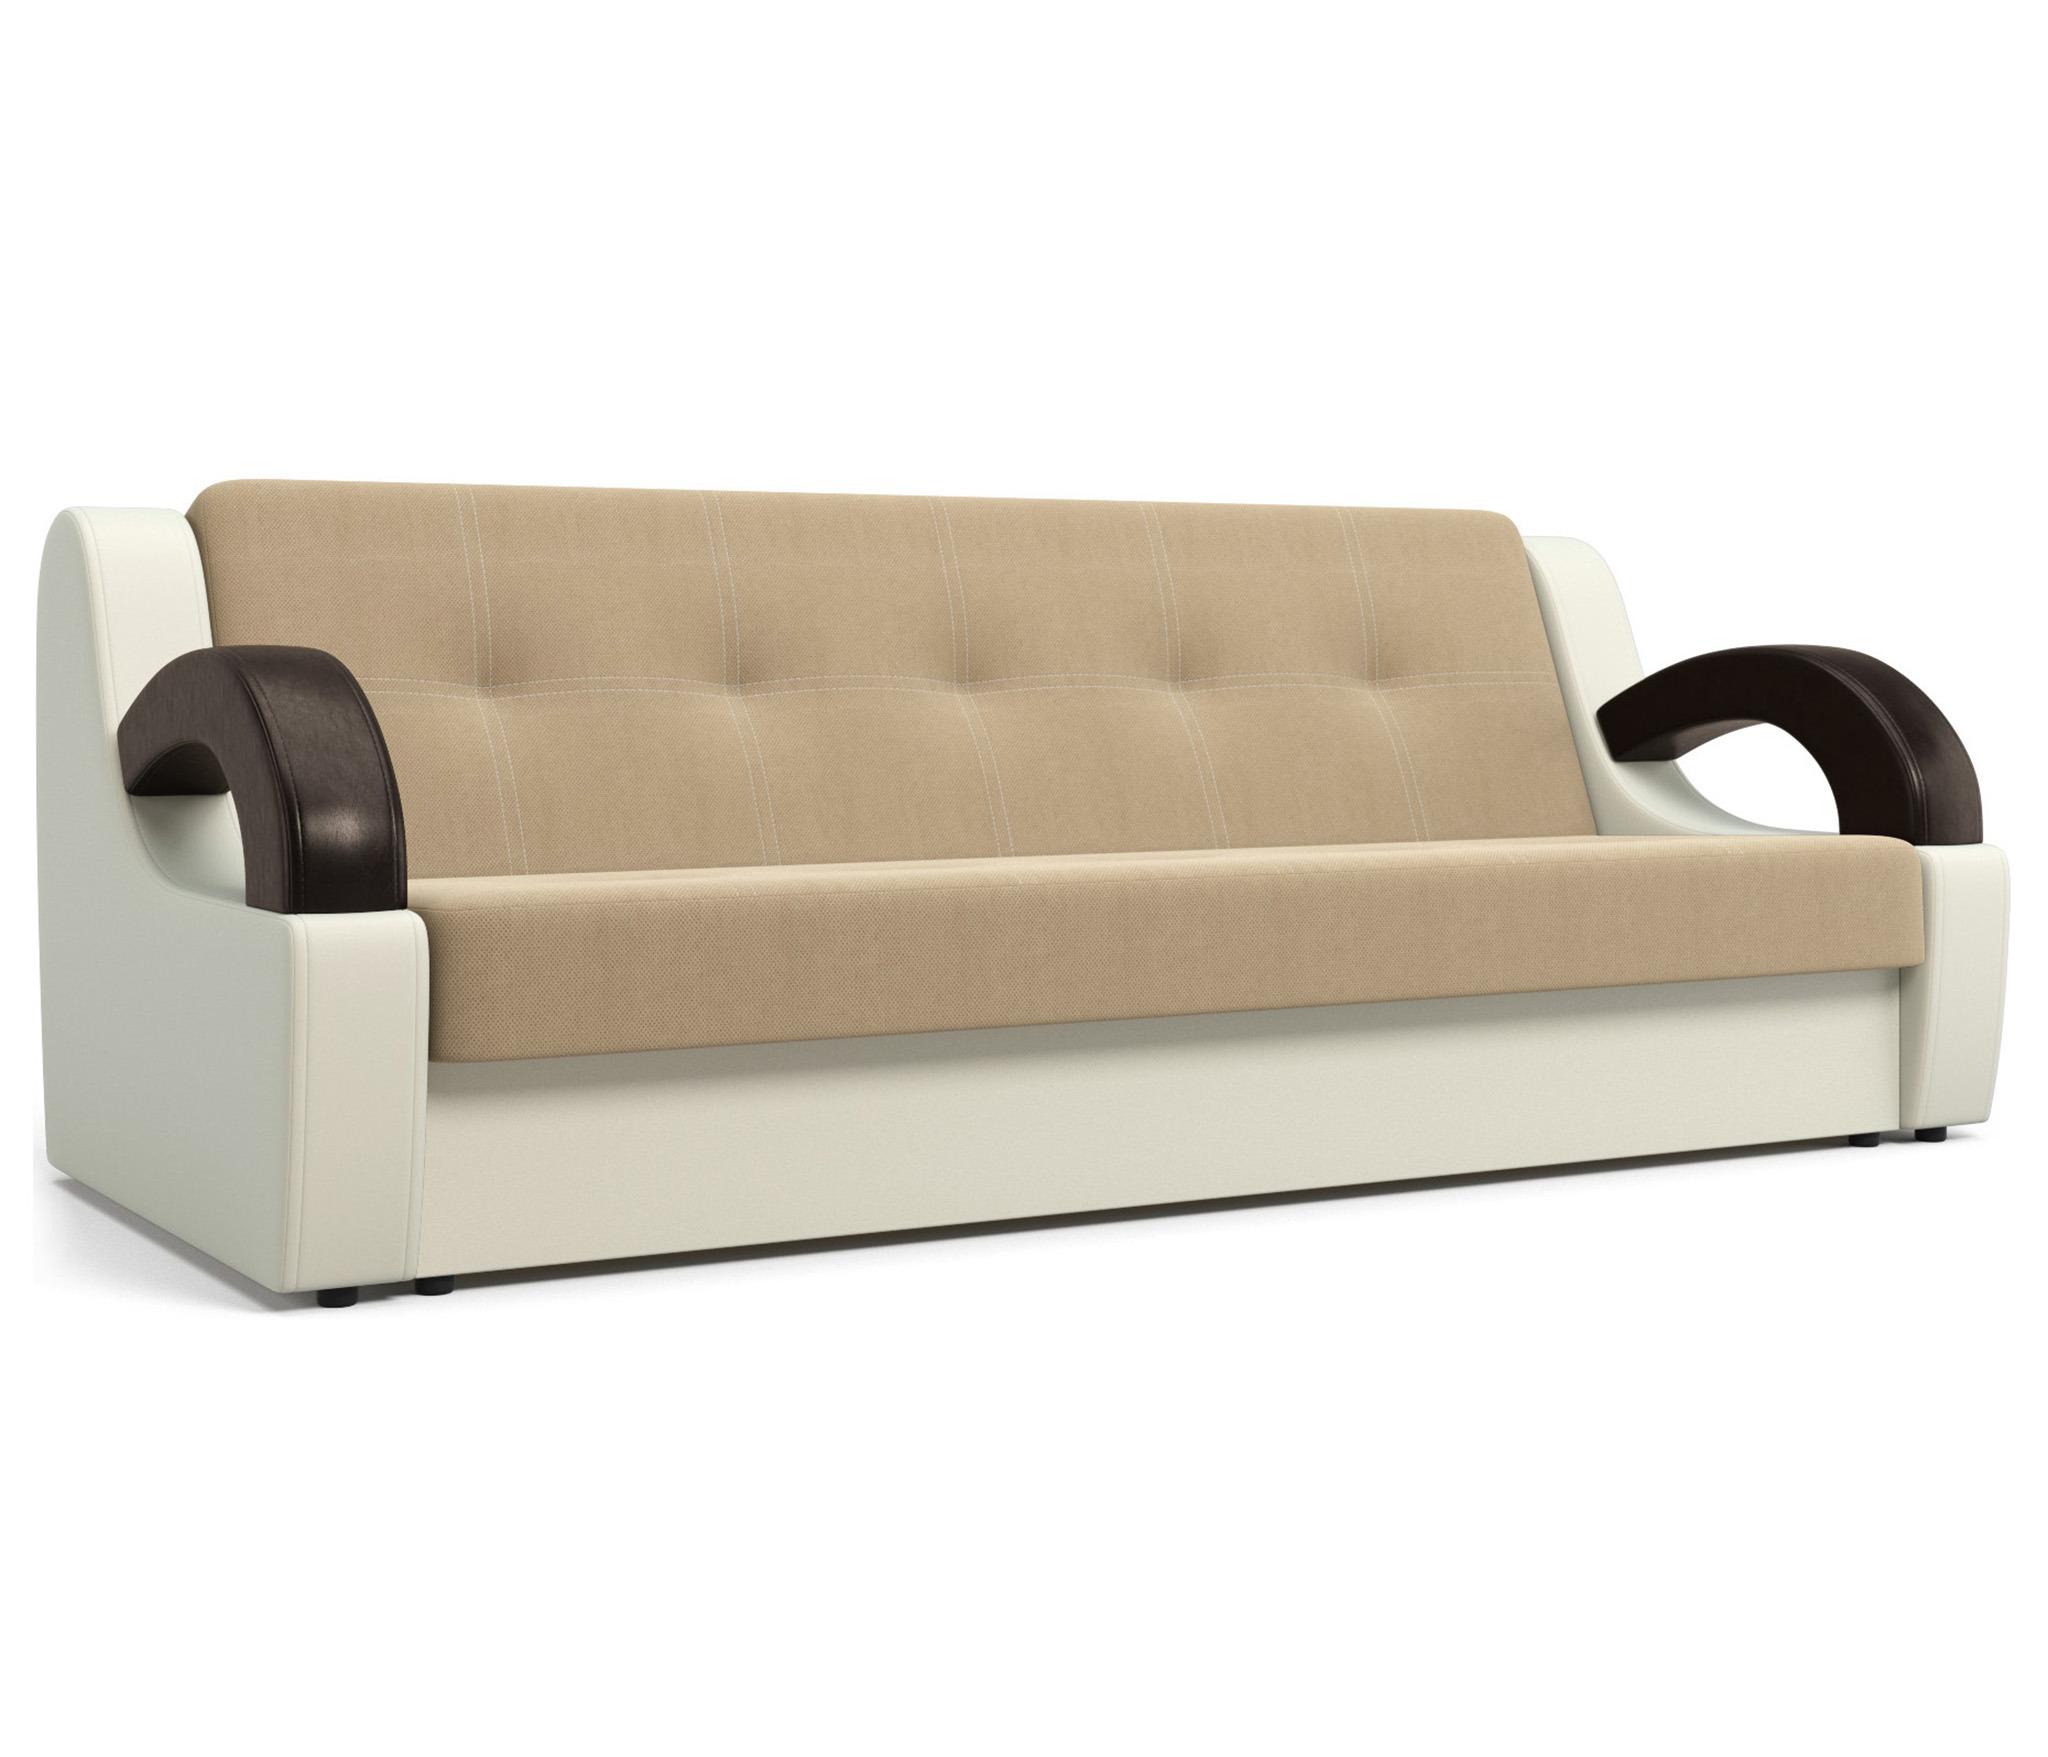 Батерфляй диван-кроватьМягкая мебель<br>Механизм трансформации: Клик-кляк&#13;Наличие ящика для белья: да&#13;Материал каркаса: Массив, ДСП, Фанера&#13;Наполнитель: ППУ, Синтепон&#13;Материал ножек: Пластик&#13;Размер спального места: 1240х2000 мм&#13;Высота сиденья от пола: 42 см.&#13;Глубина сиденья: 63 см.&#13;]]&gt;<br><br>Длина мм: 2300<br>Высота мм: 850<br>Глубина мм: 1070